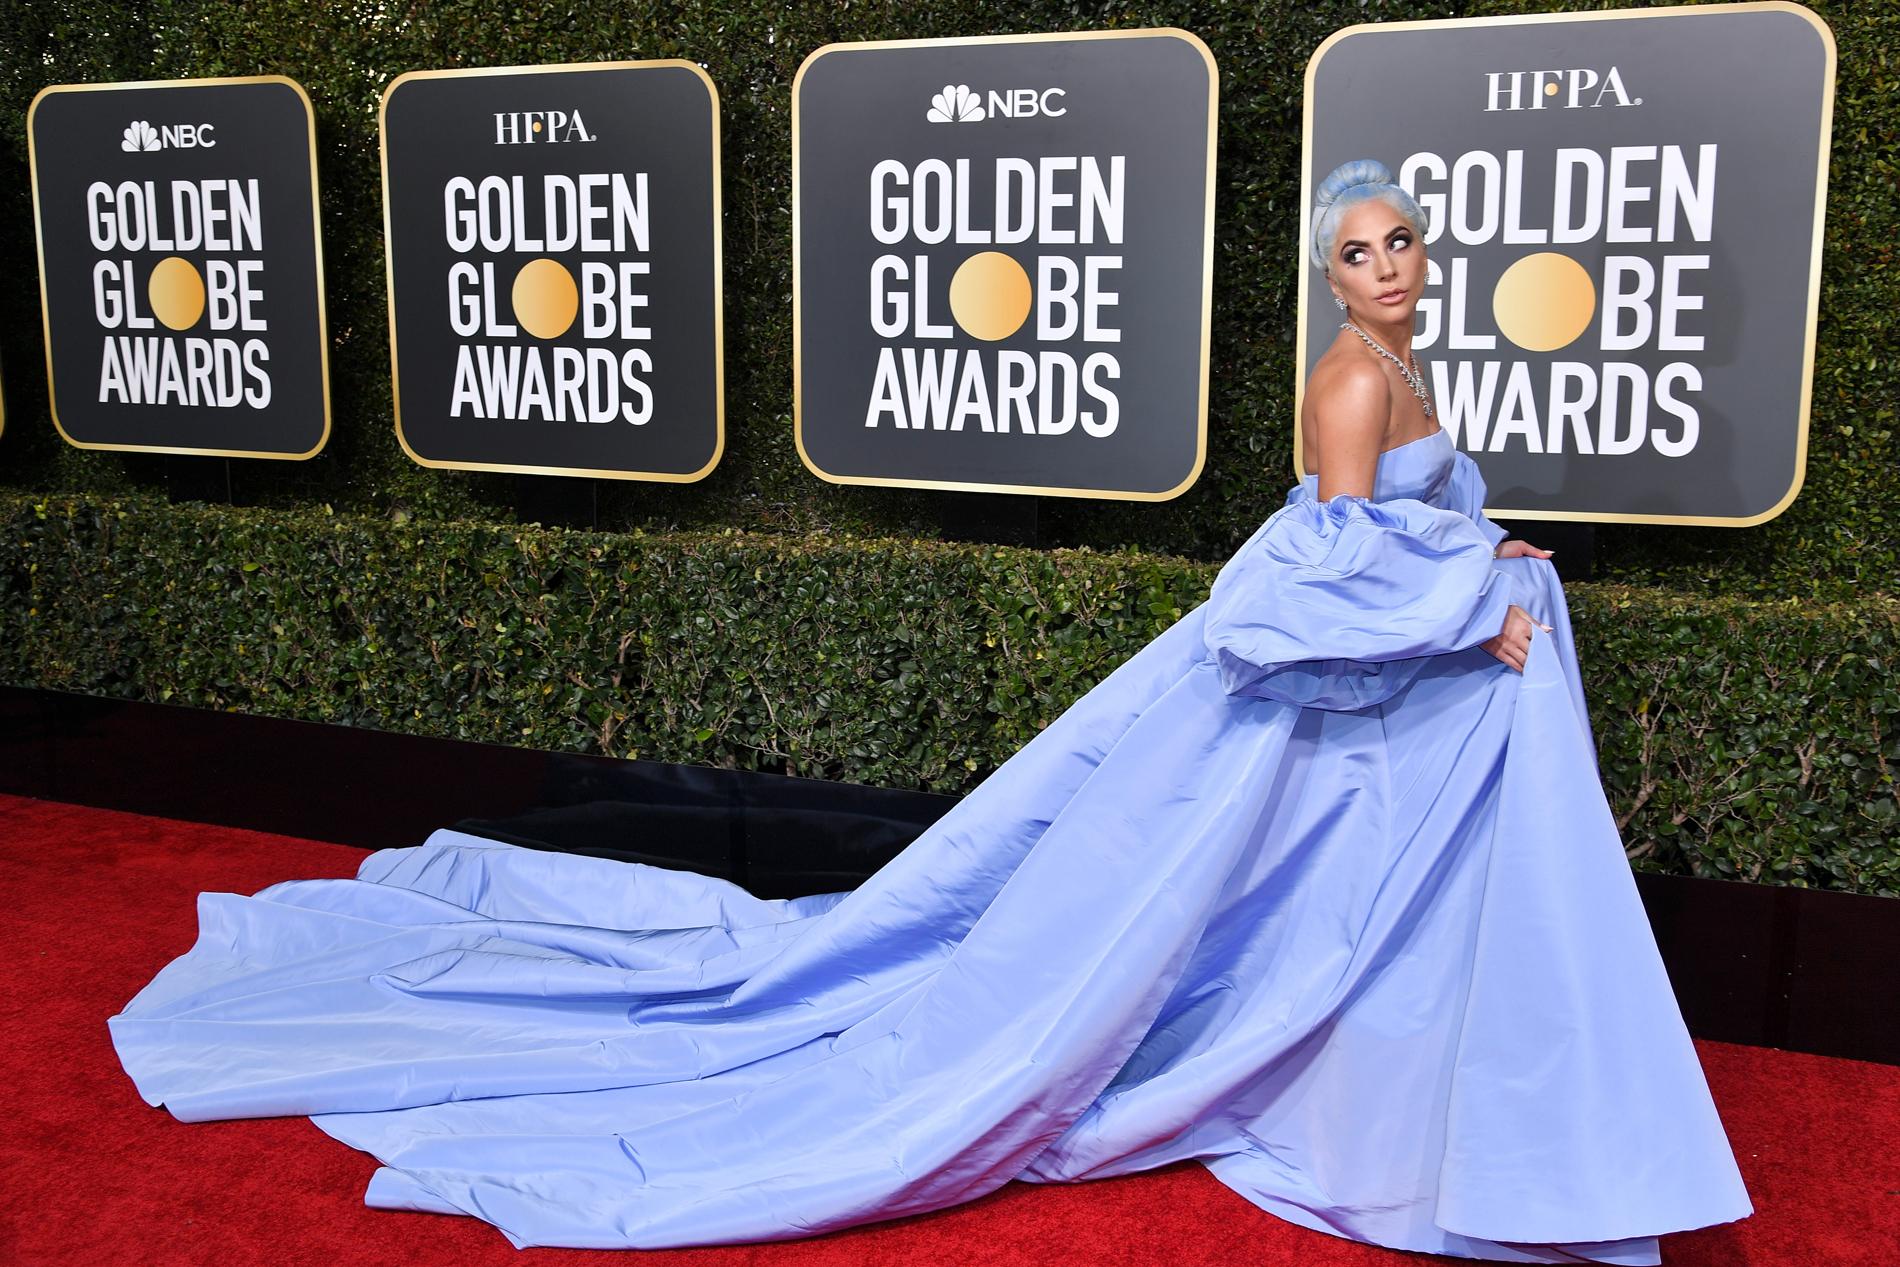 Lady Gaga espectacular con un diseño de alta costura signe Valentino y el pelo a tono. CREDITO: E! ENTERTAINMENT